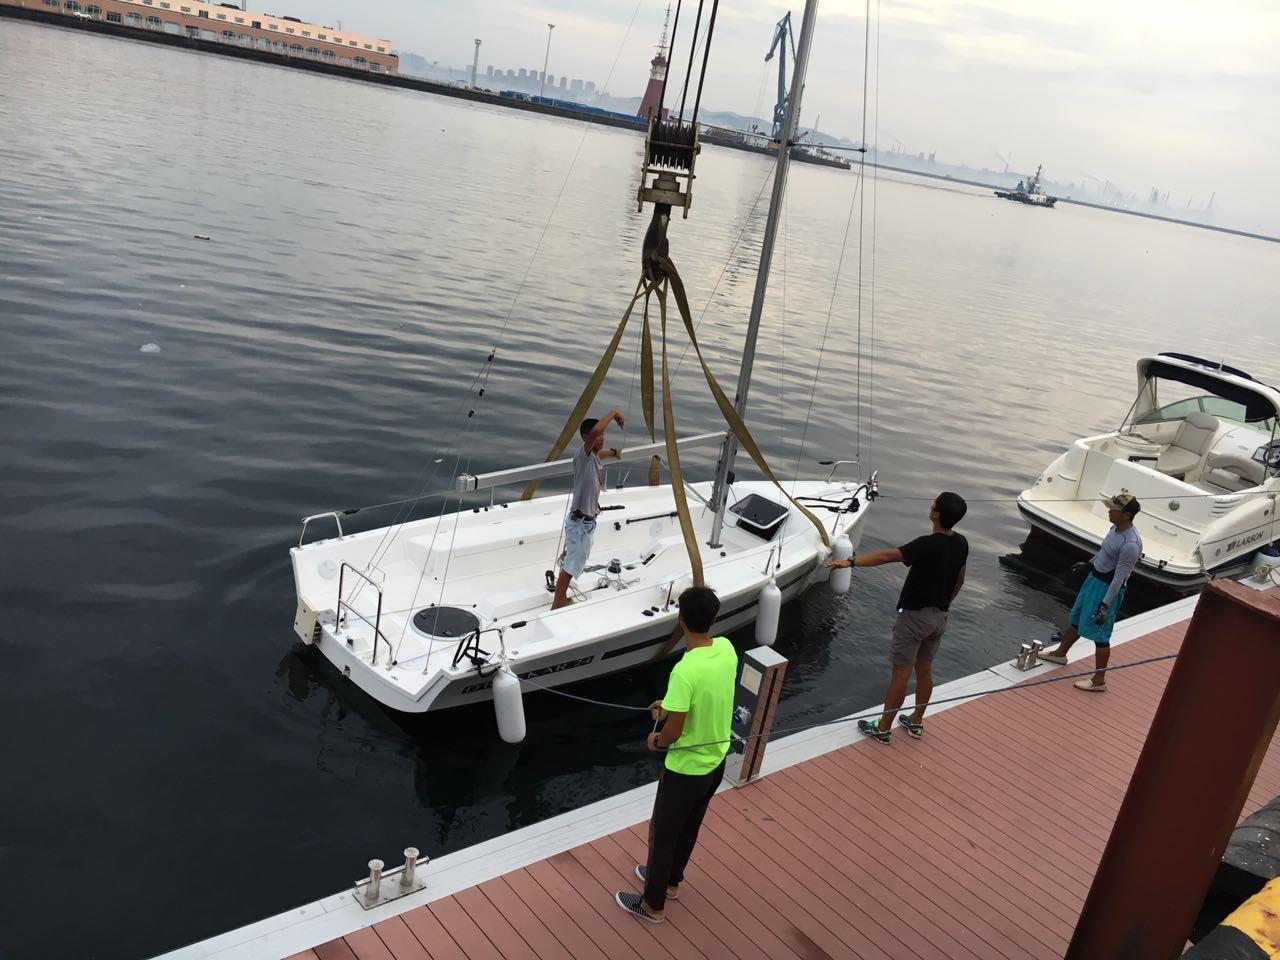 地下水,帆船,游泳 八条DUFOUR-达卡24尺帆船全部成功落地下水! 6.jpg